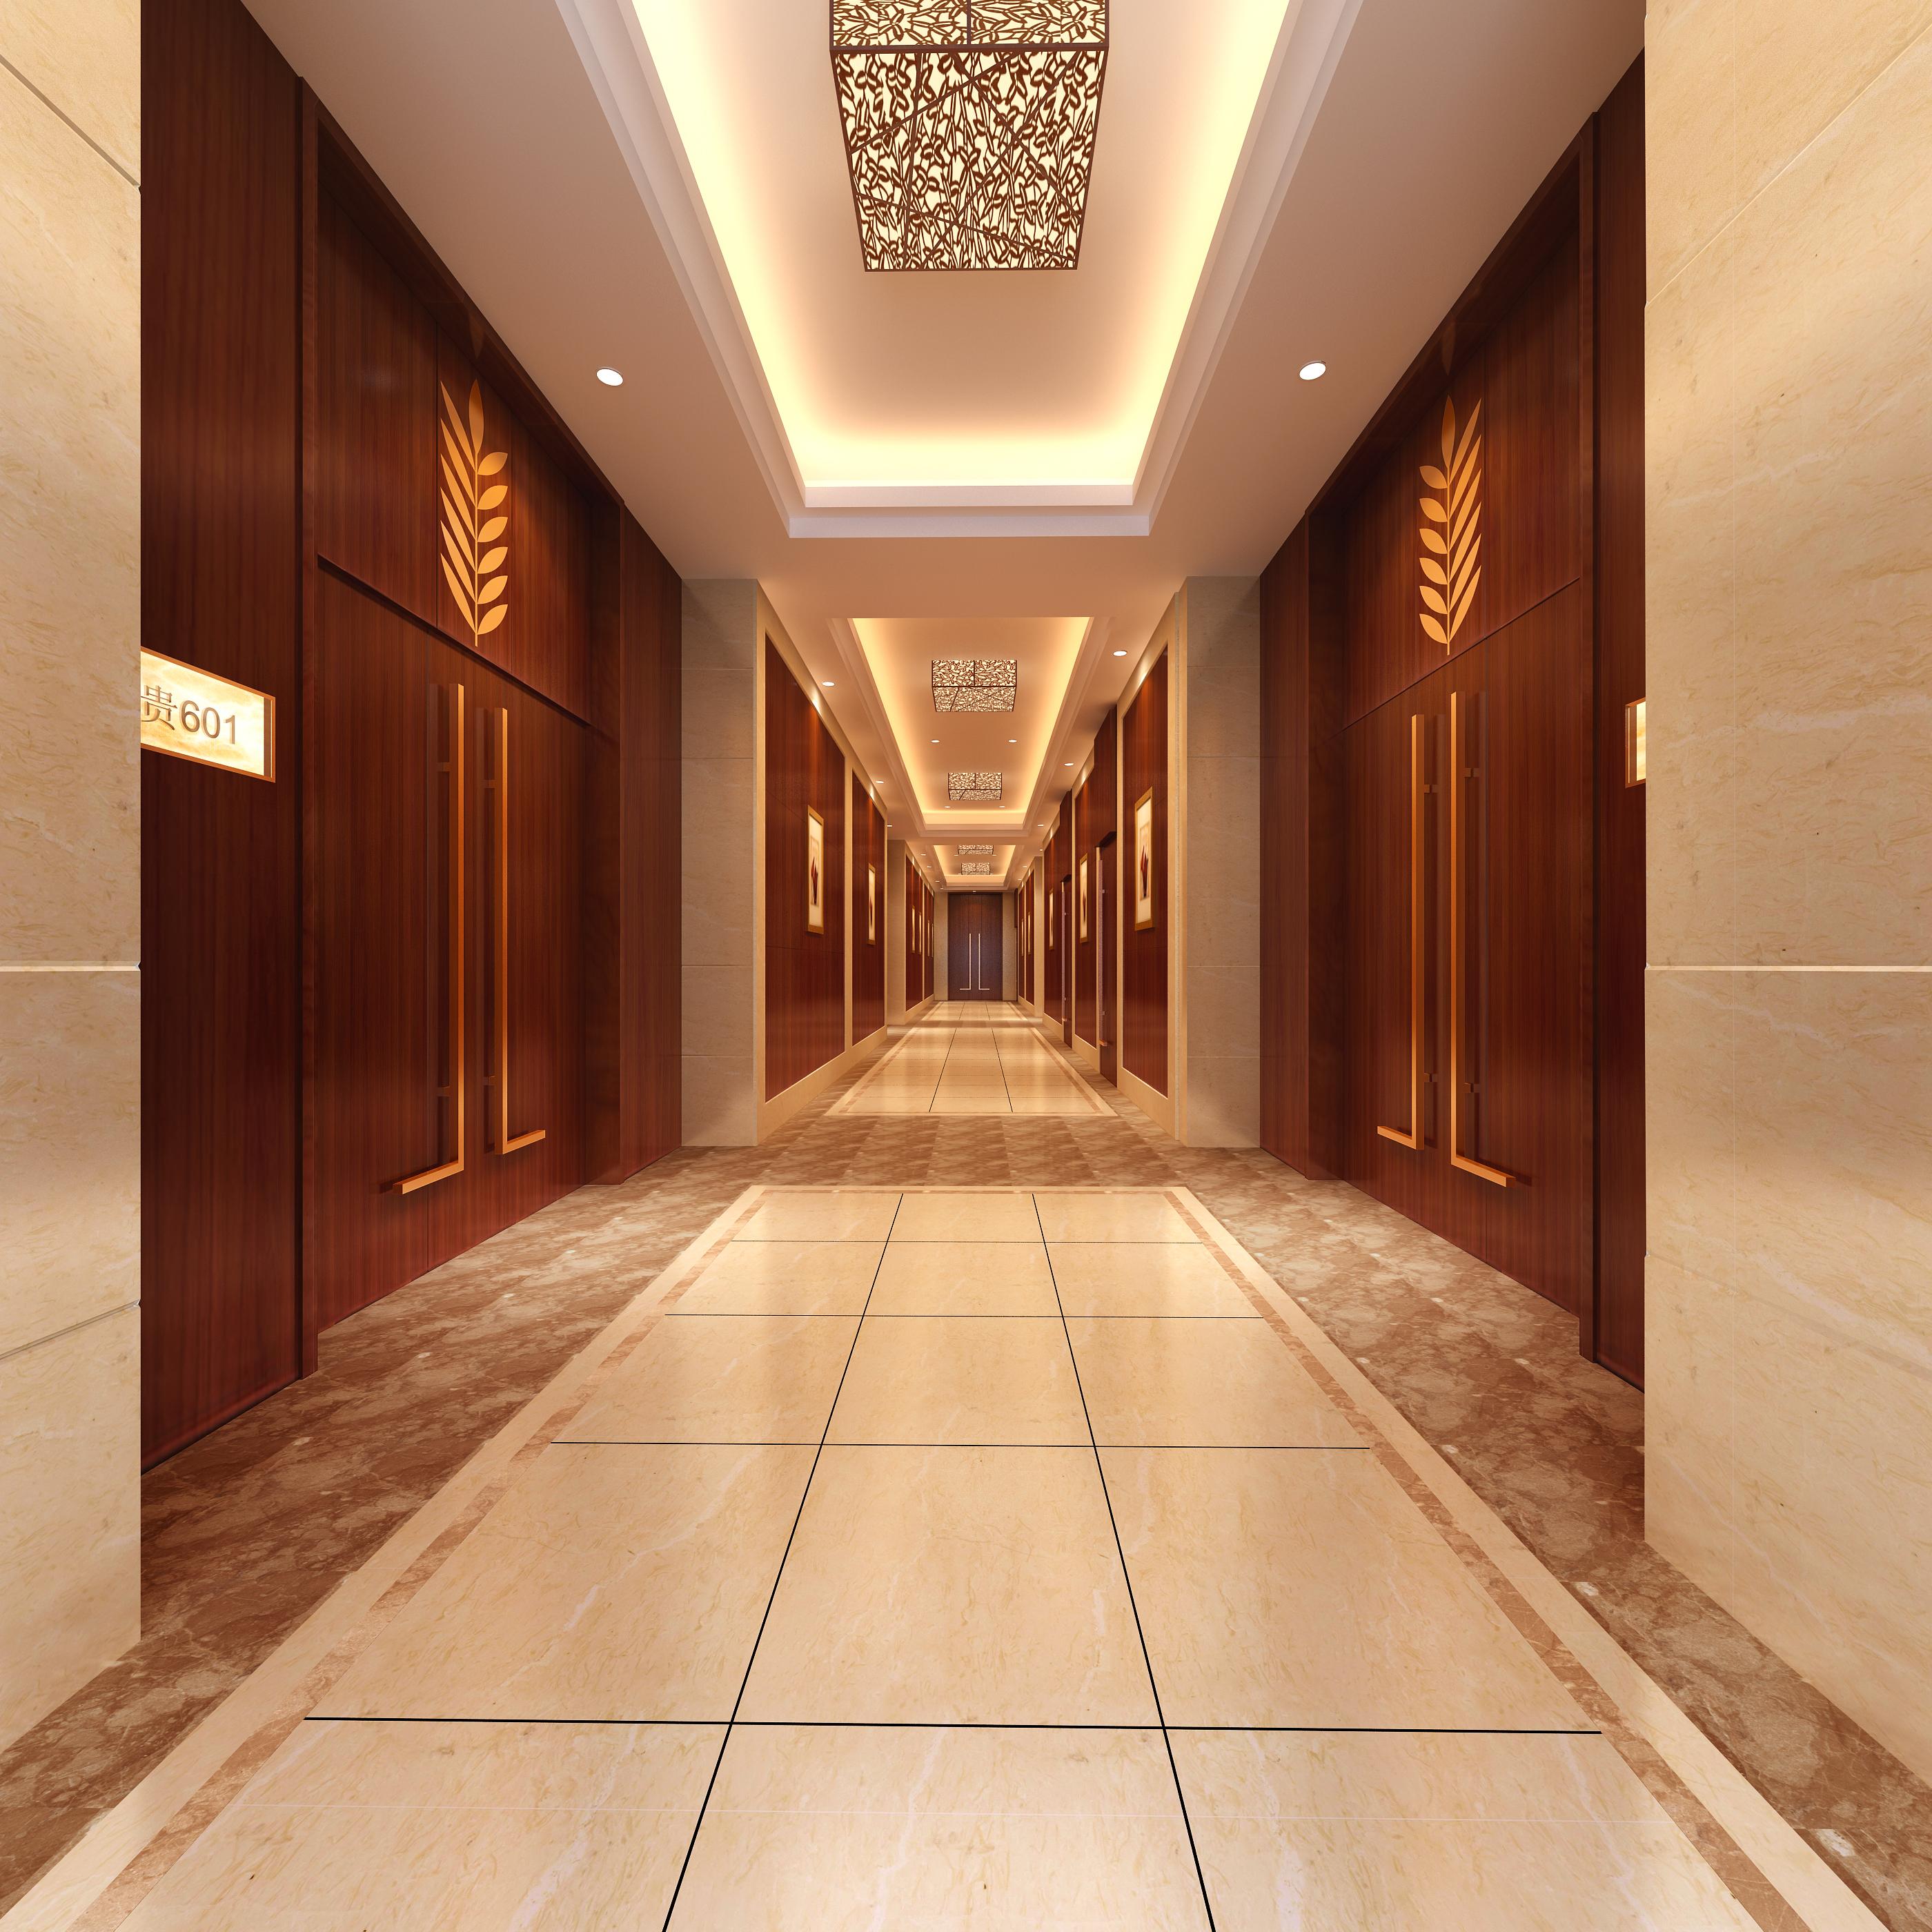 corridor space 075 3d model max 136102